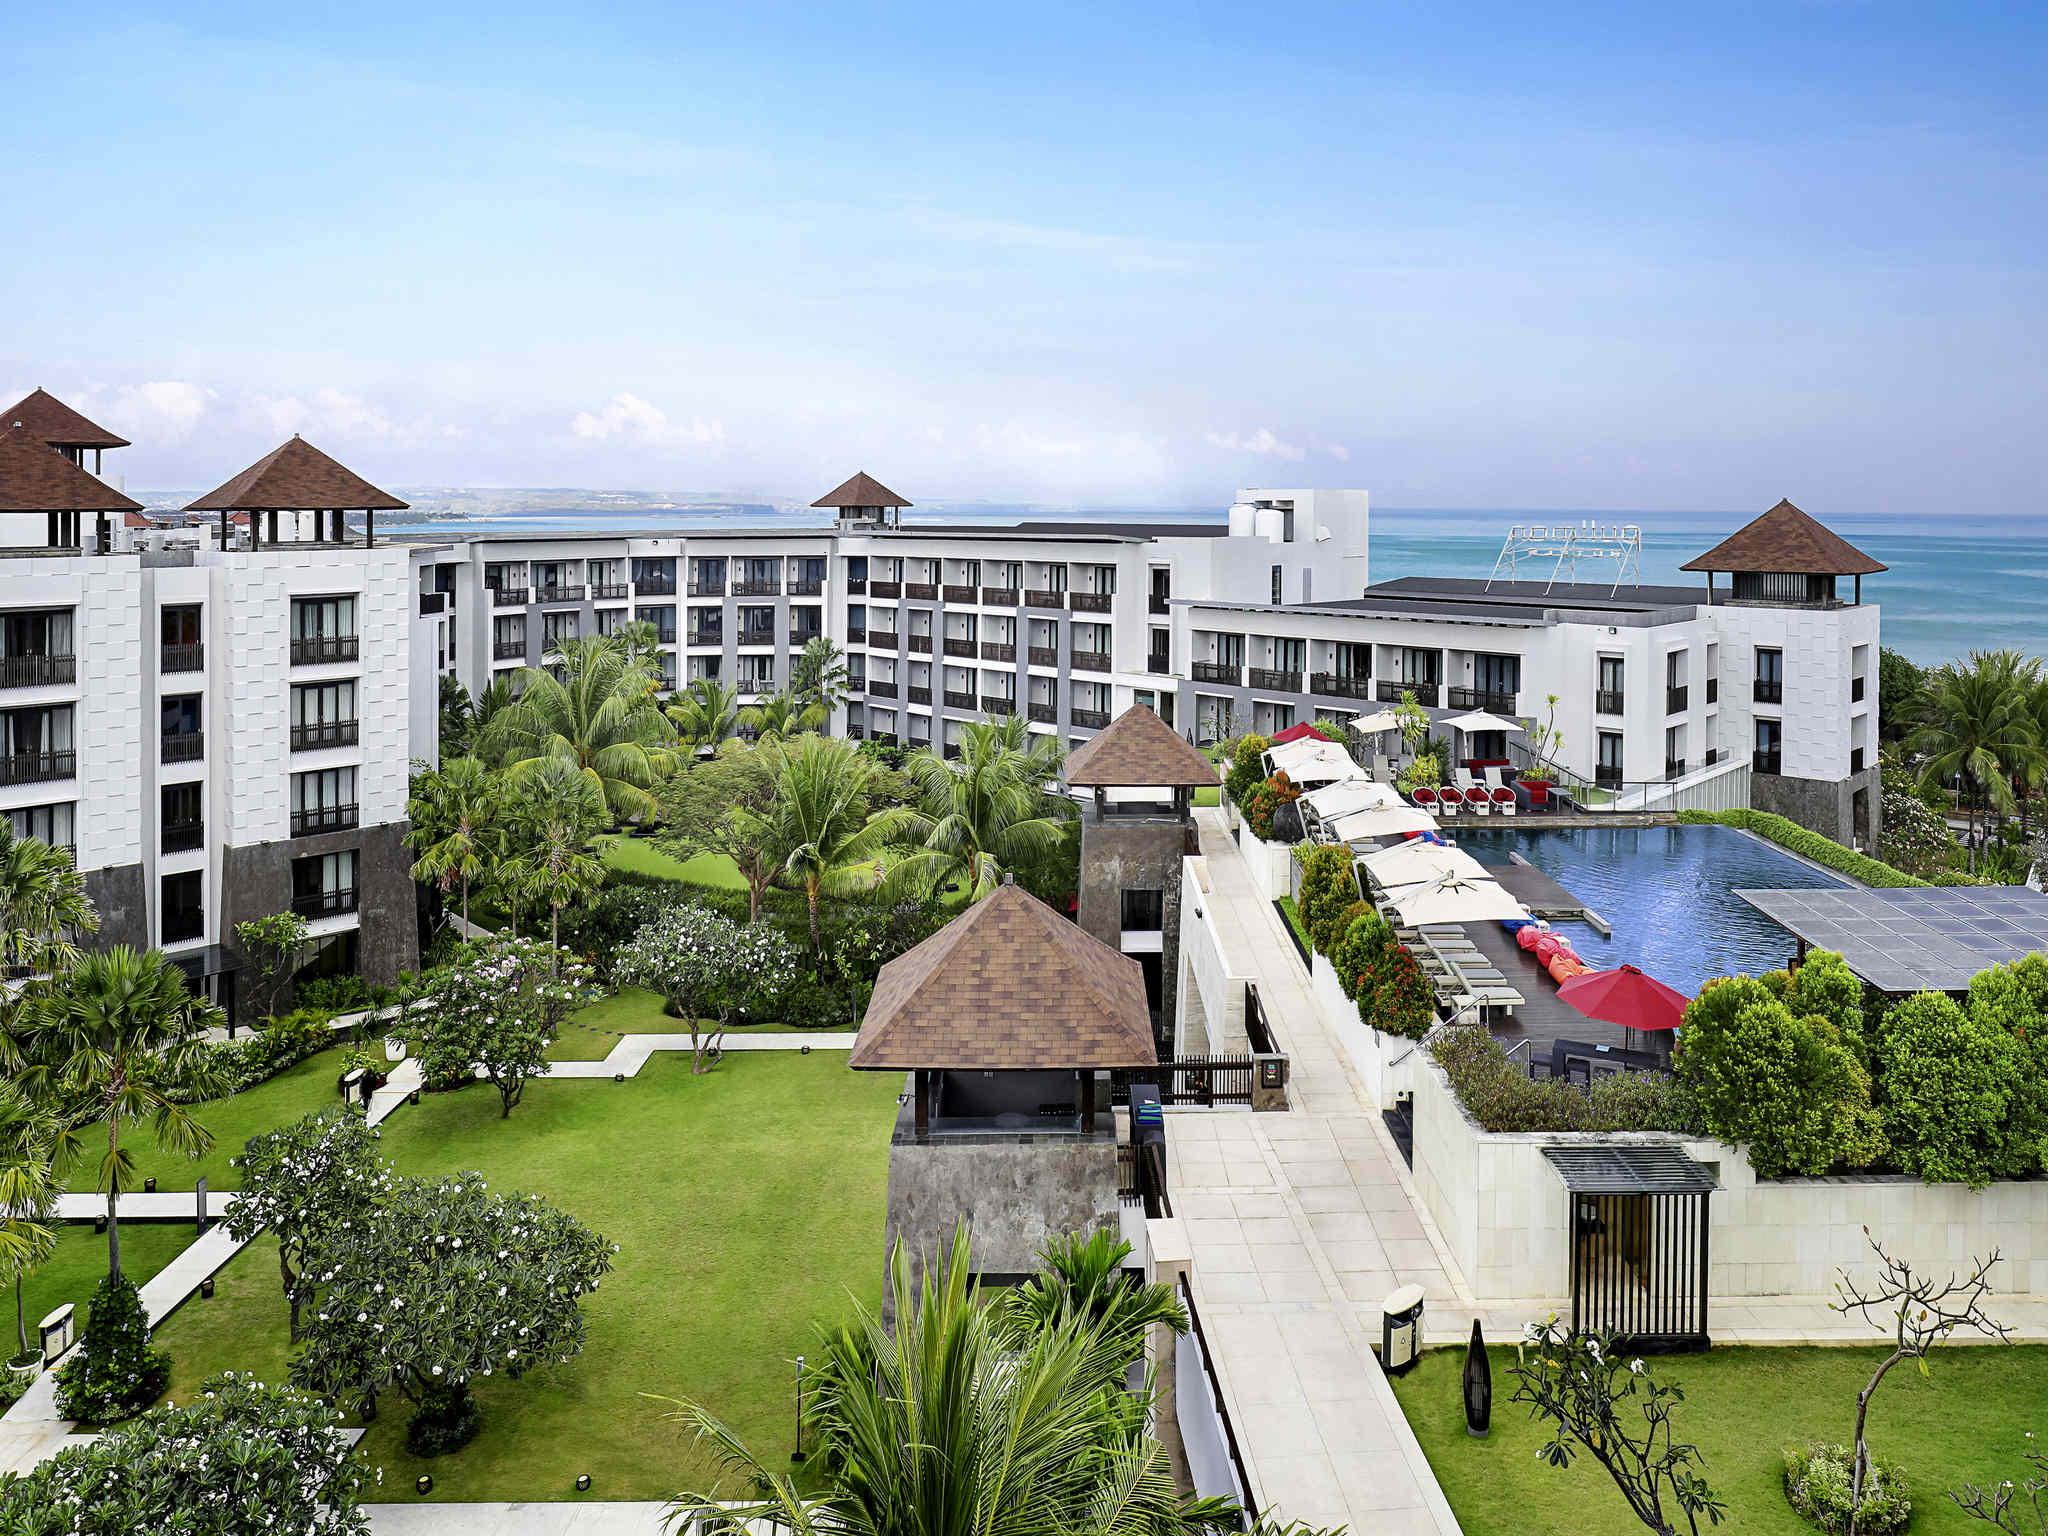 โรงแรม – พูลแมน บาหลี ลีเจียน บีช